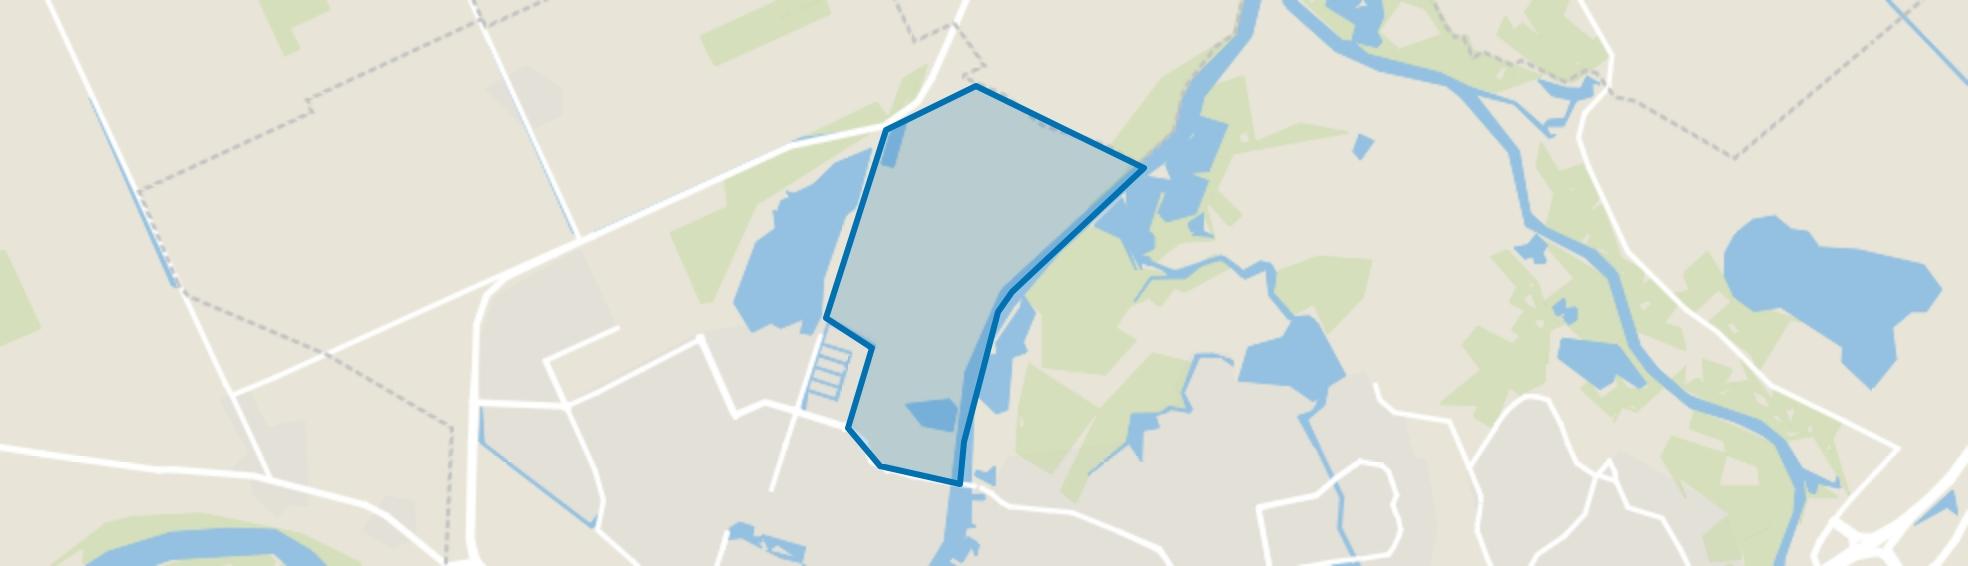 Stadsbroek, Zwolle map